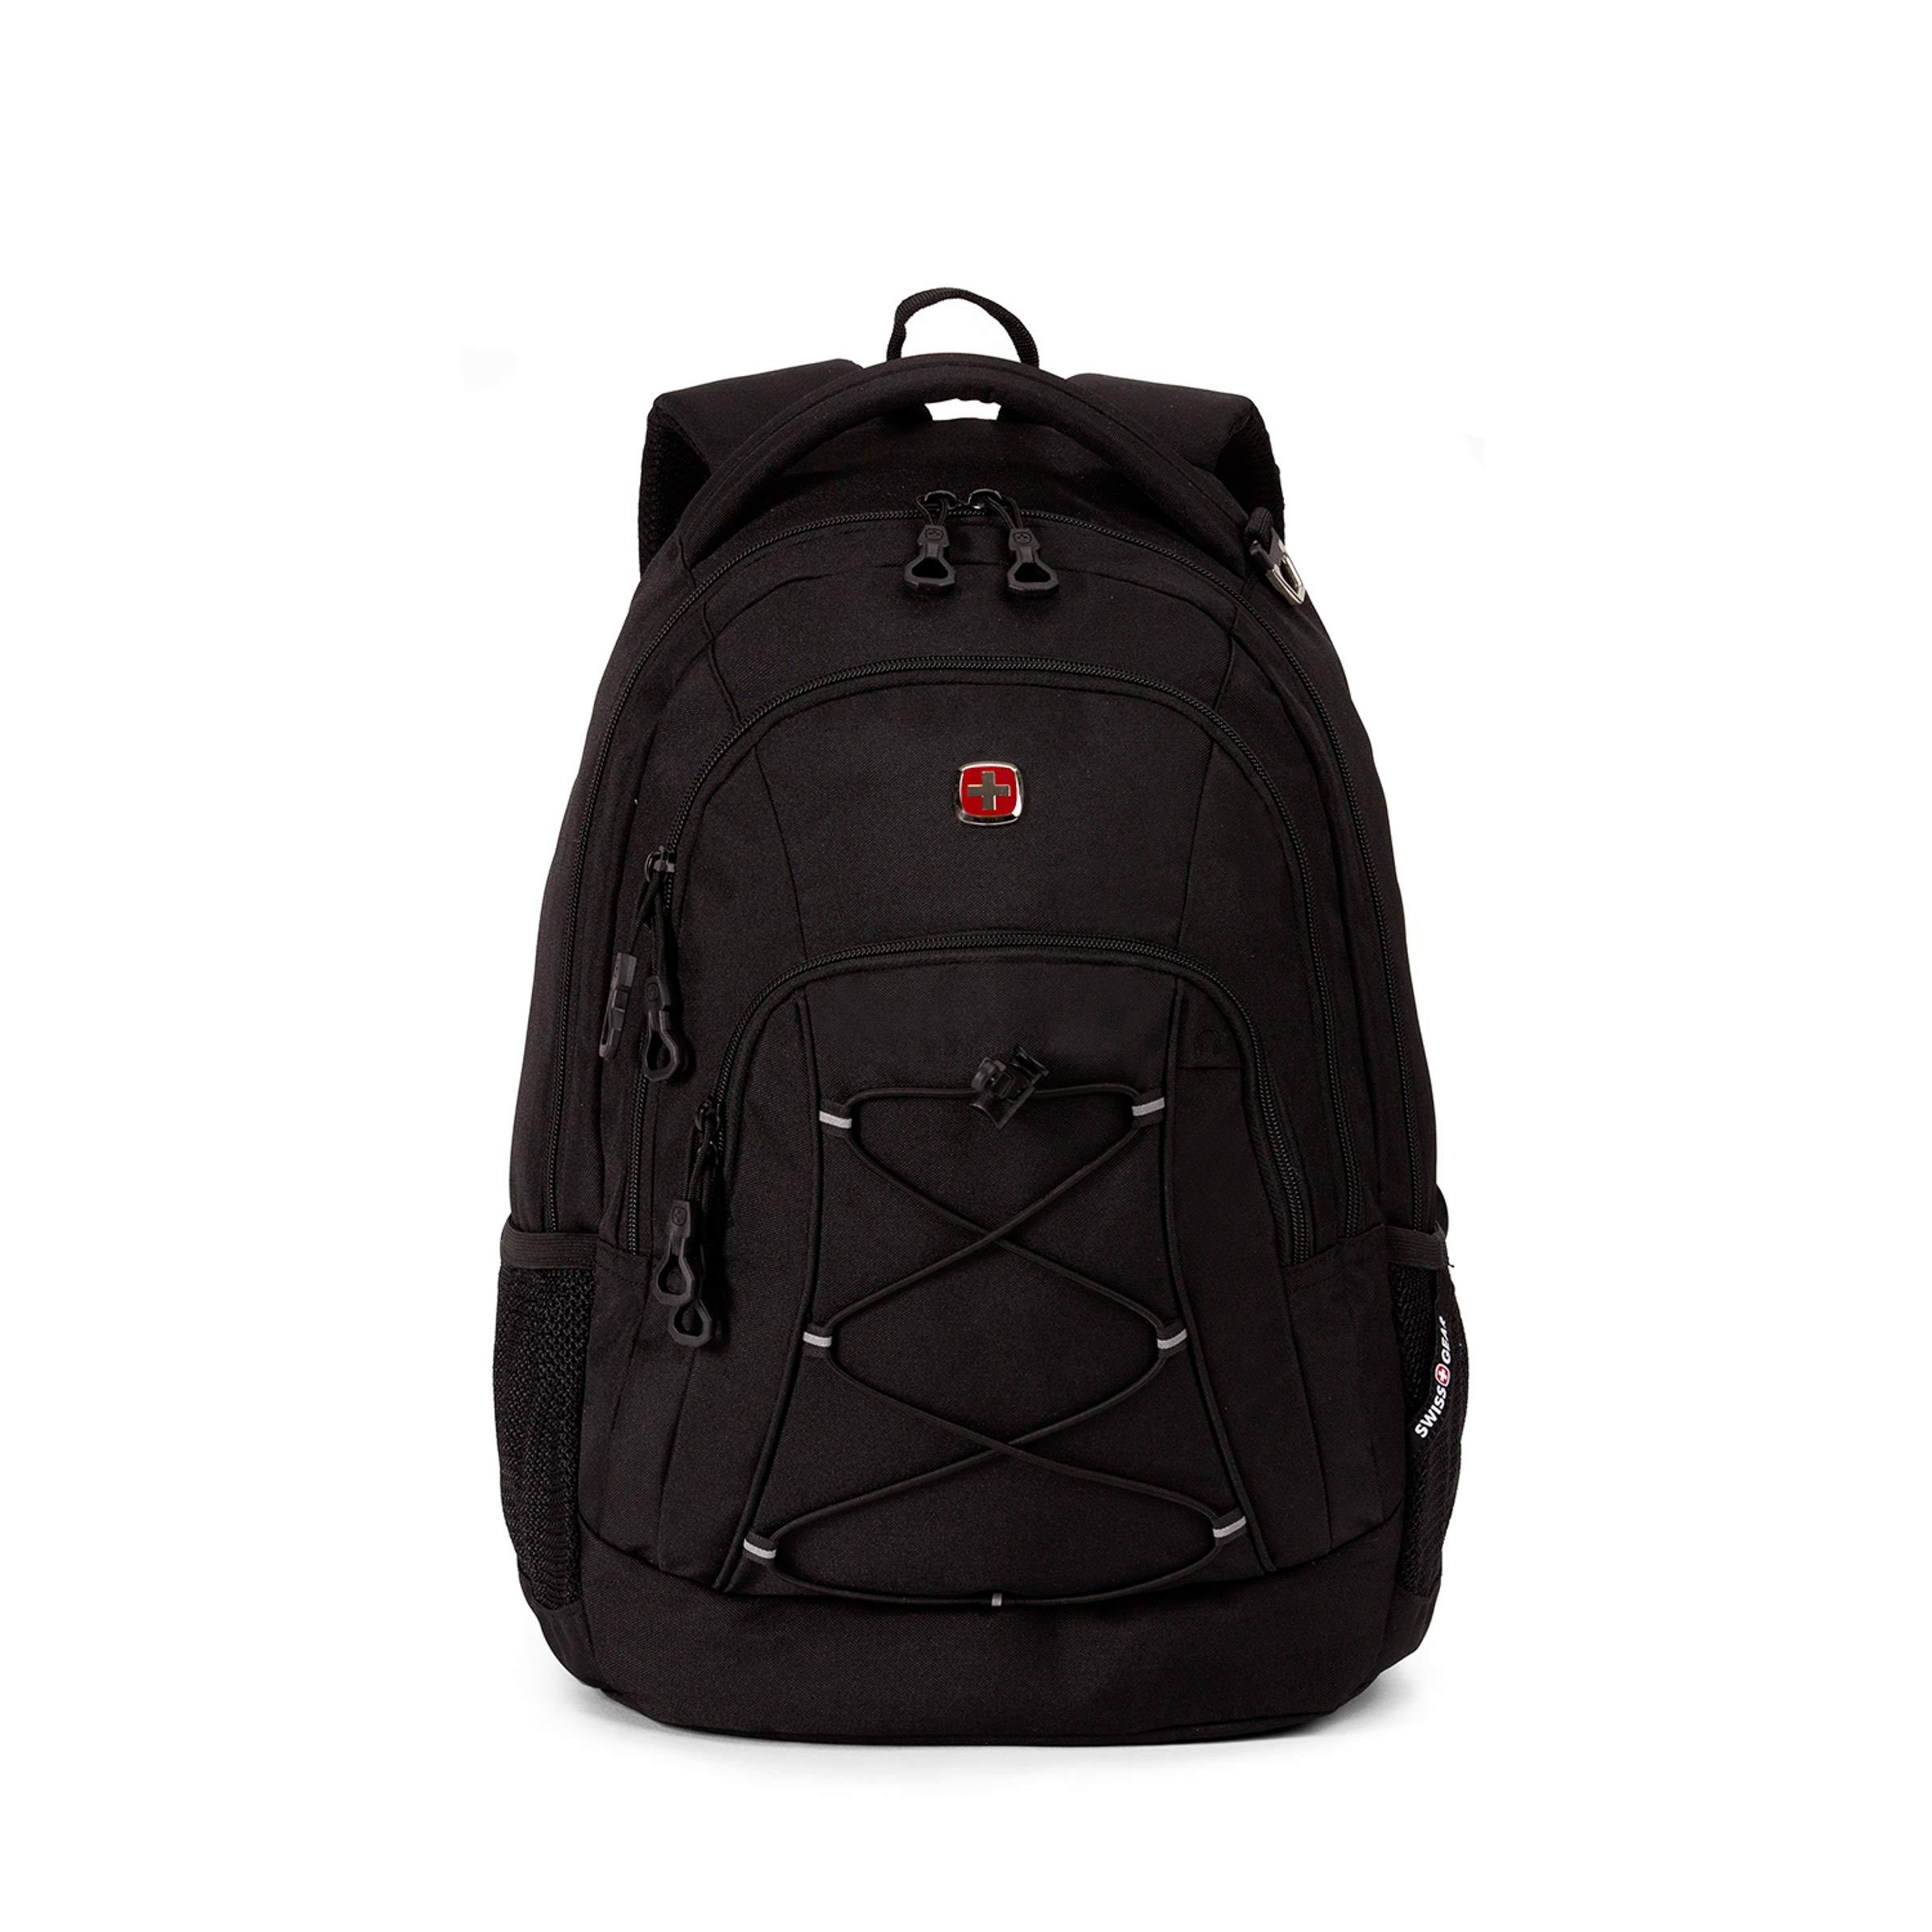 SwissGear Travel Gear Lightweight Backpack